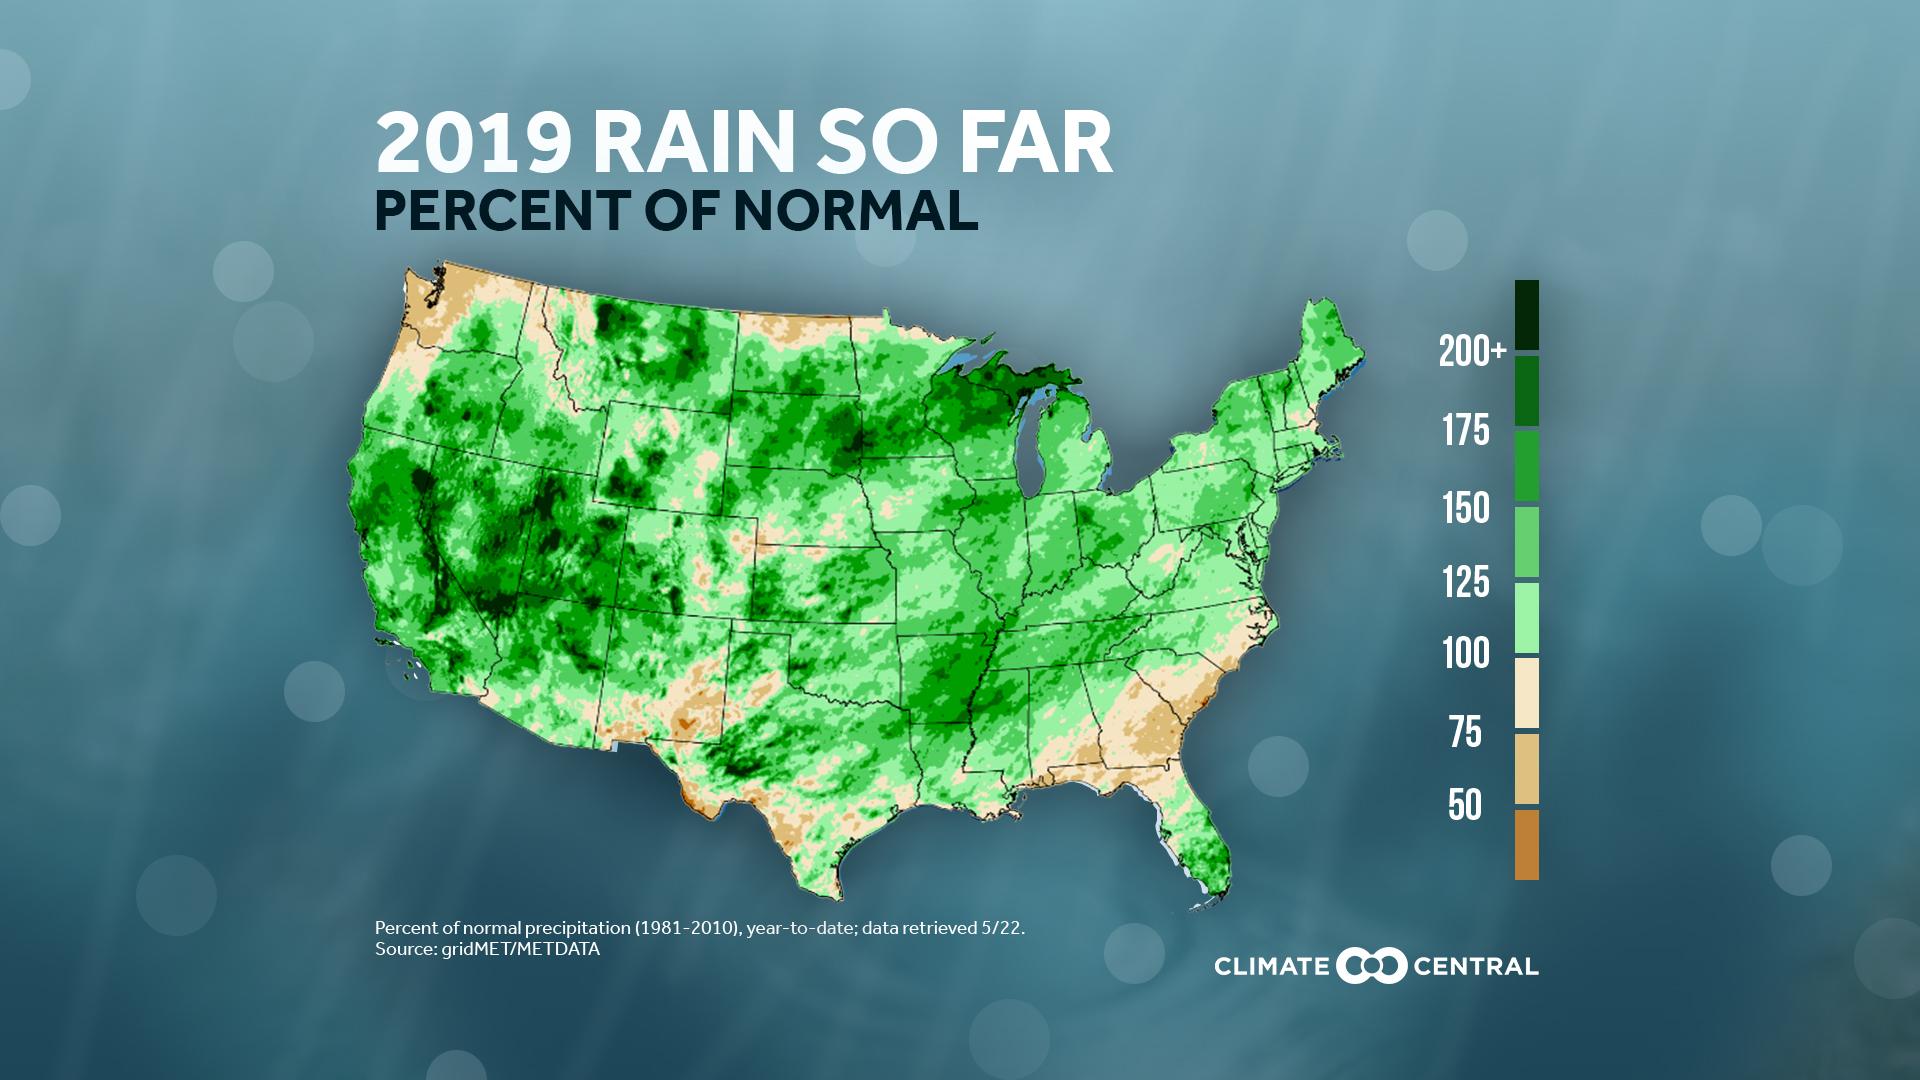 2019 rain so far